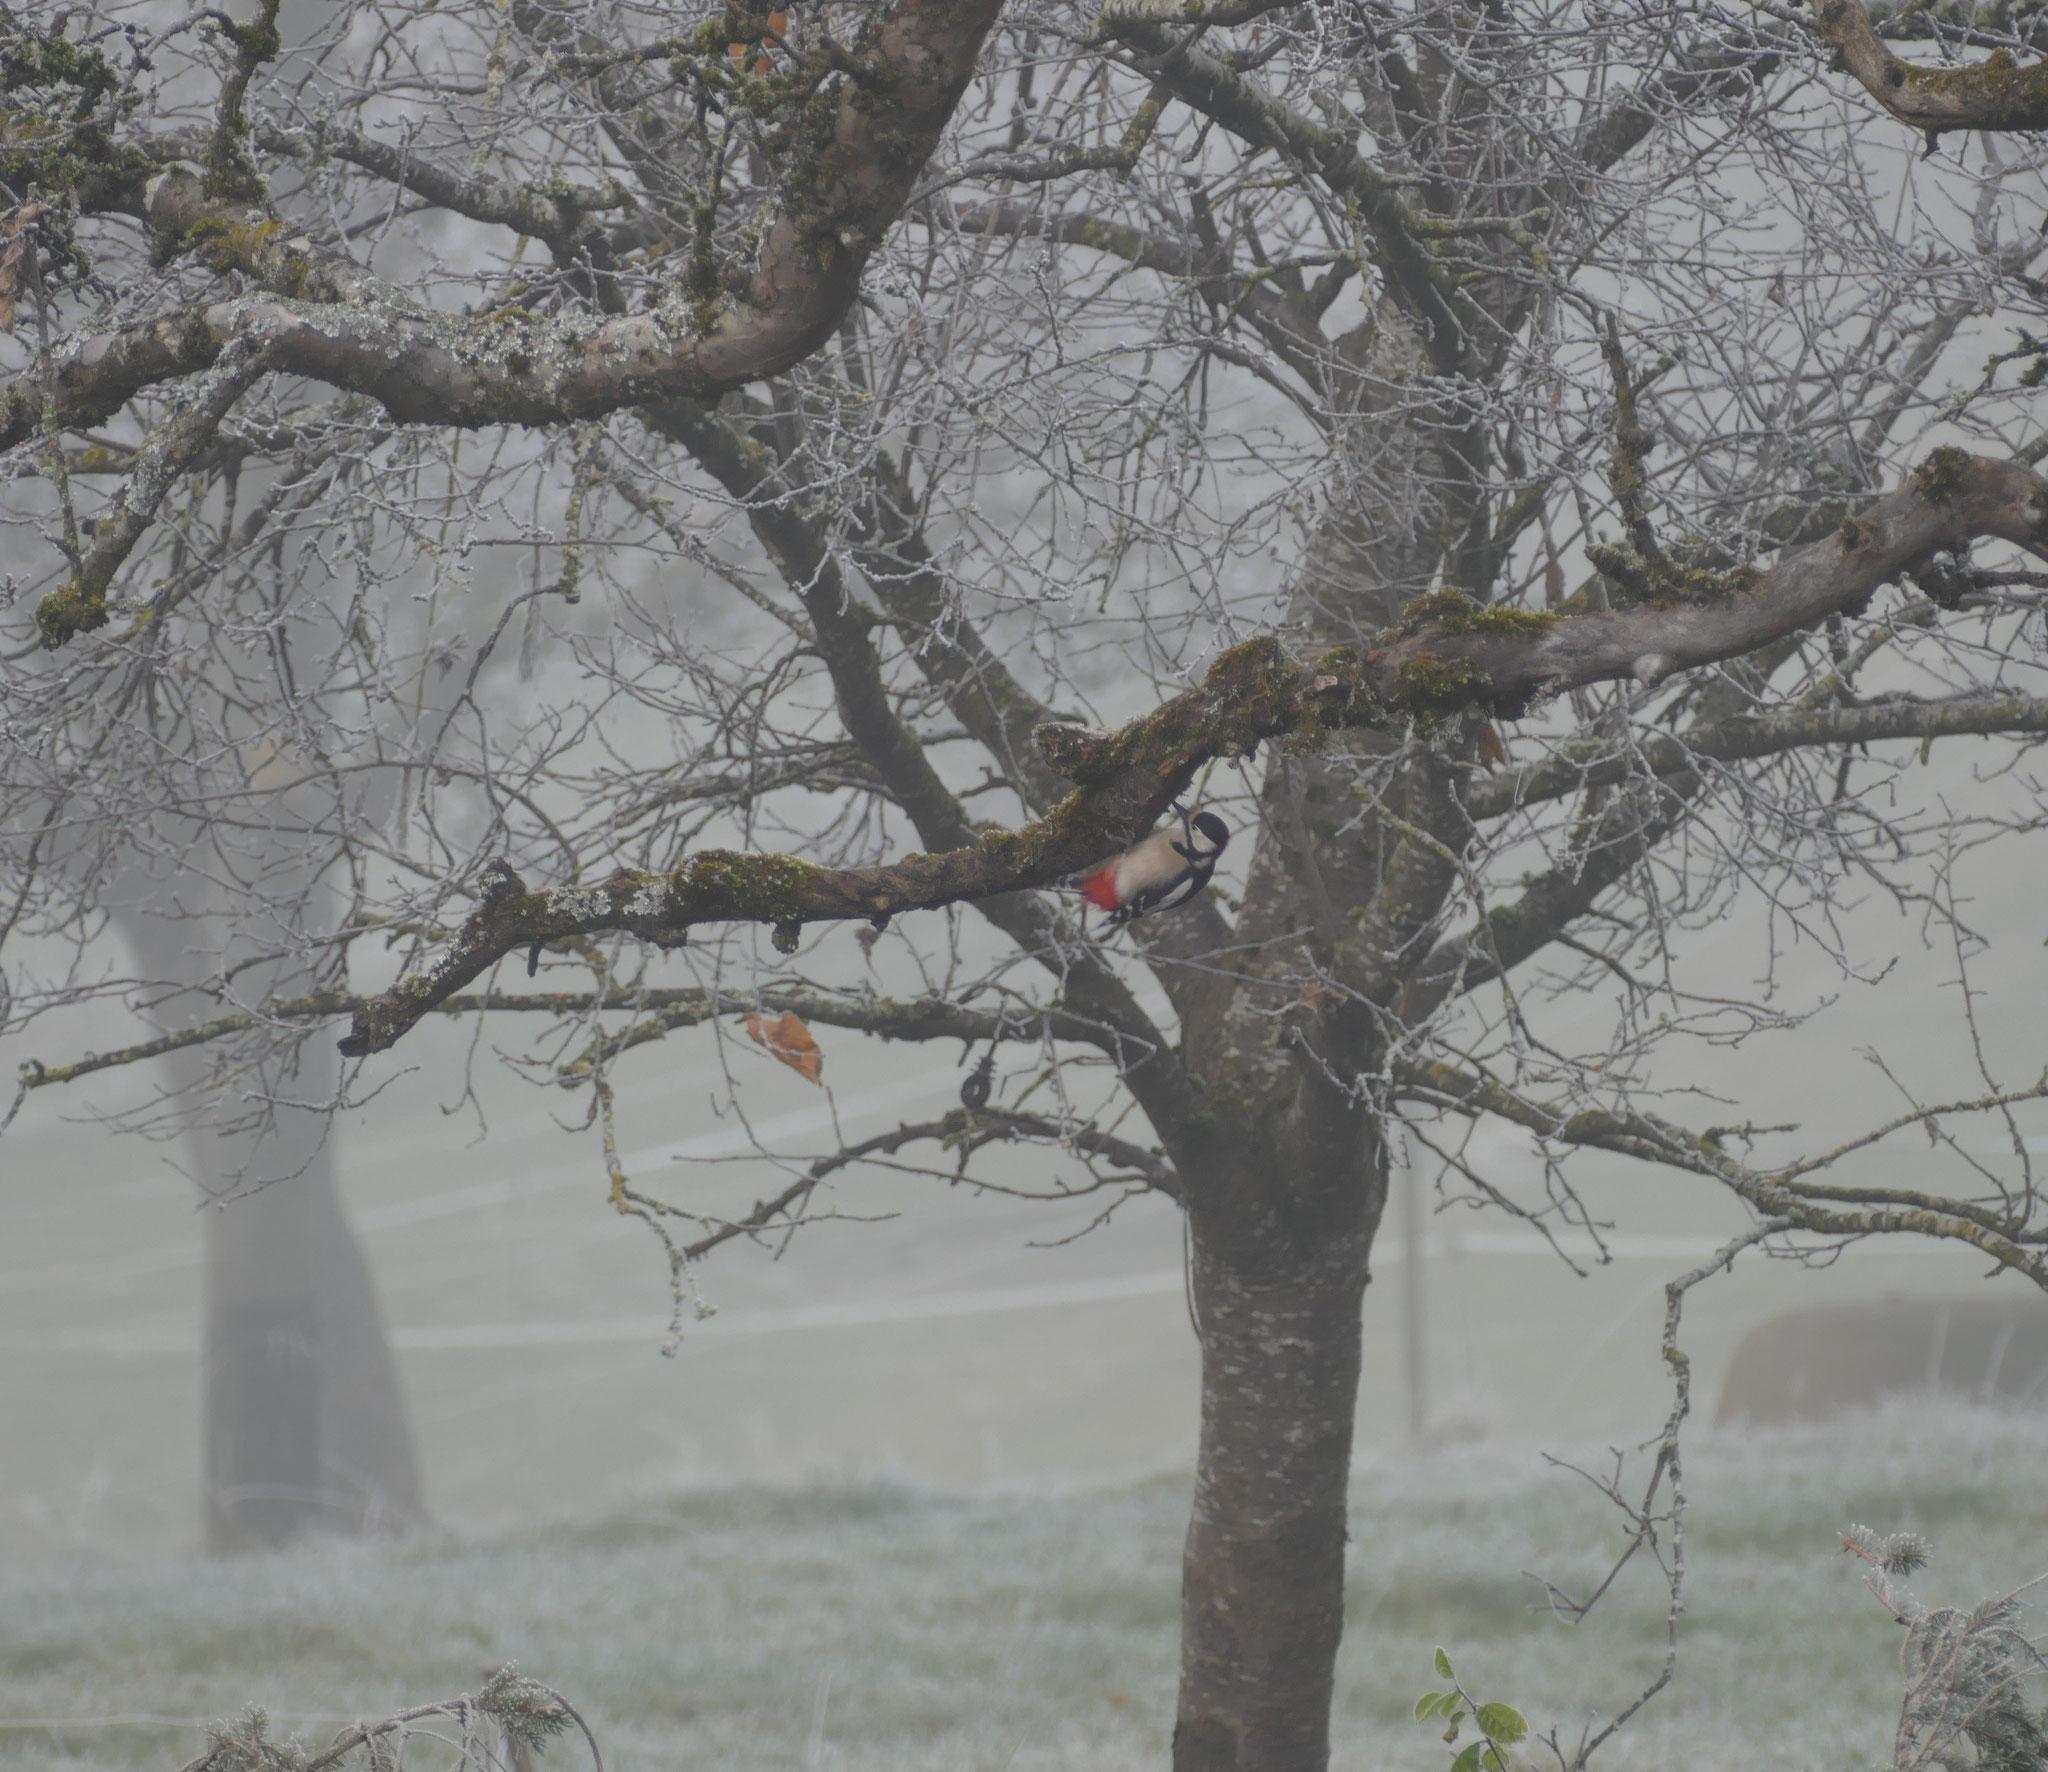 Kein Tannenbaum mit Weihnachtsschmuck, sondern für einmal ein Obstbaum in unserer winterlichen Hoschtet mit buntem natürlichen Schmuck.